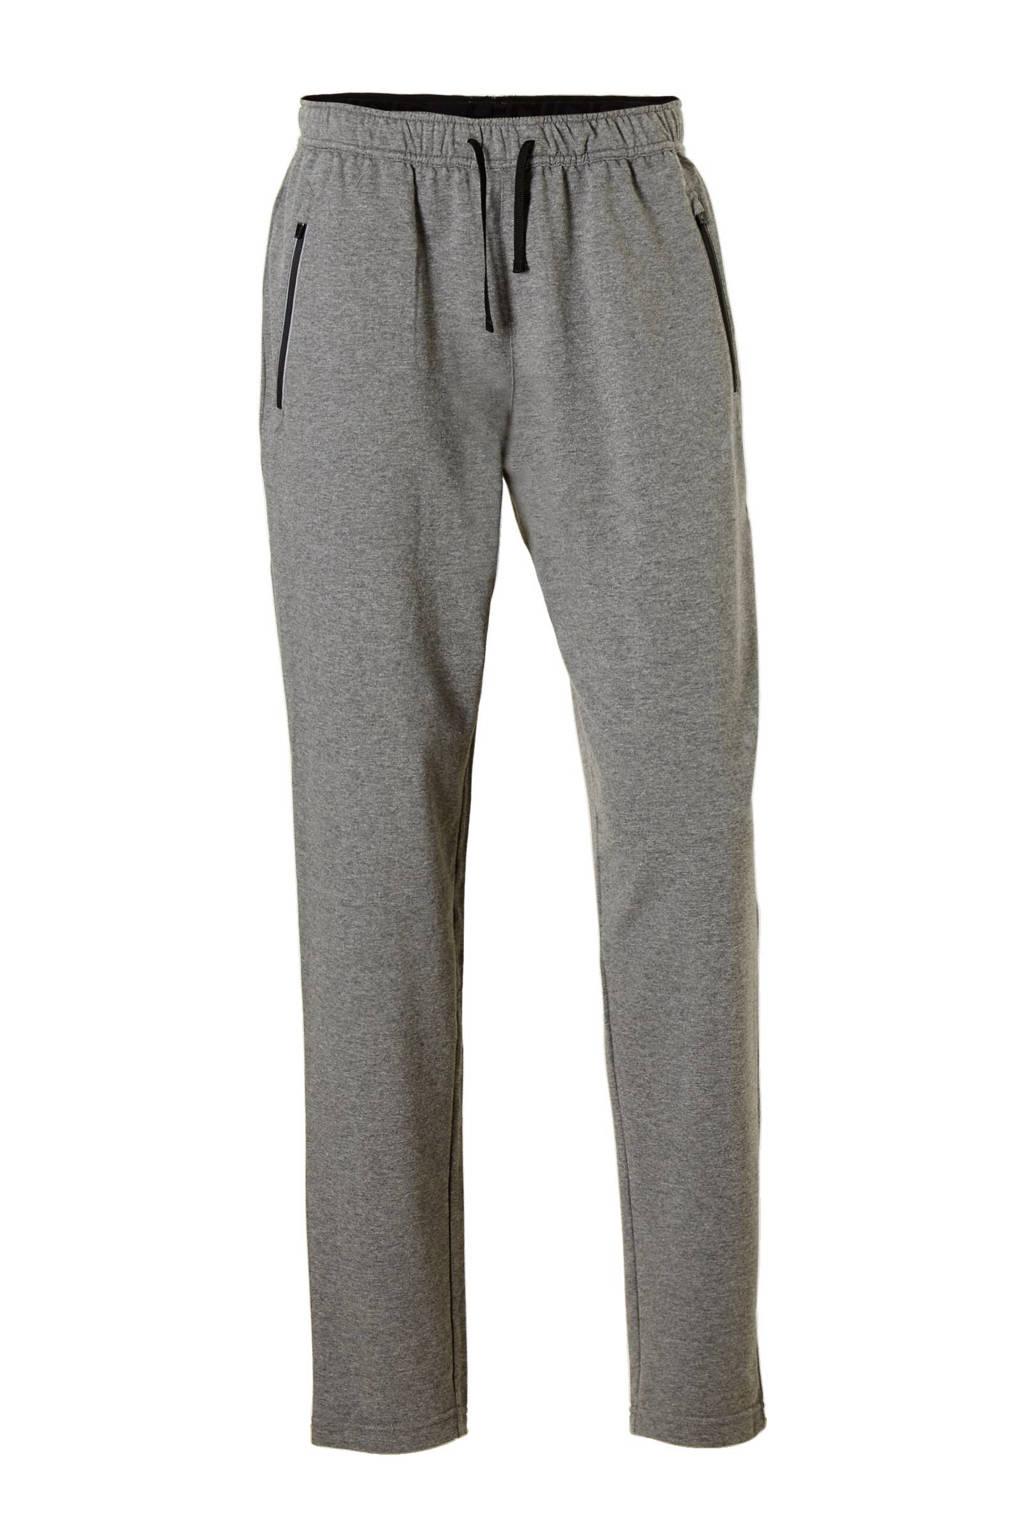 Li-Ning sportbroek, grijs melange/ zwart